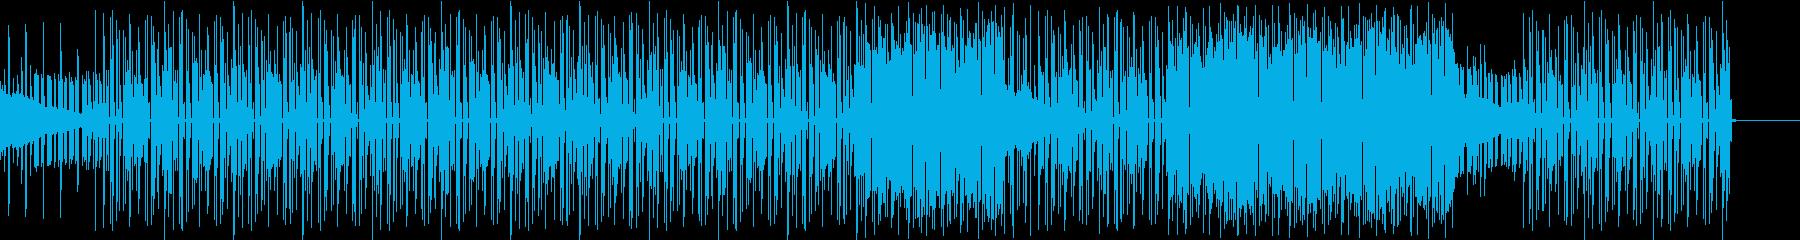 どうにも微妙な雰囲気のBGMの再生済みの波形